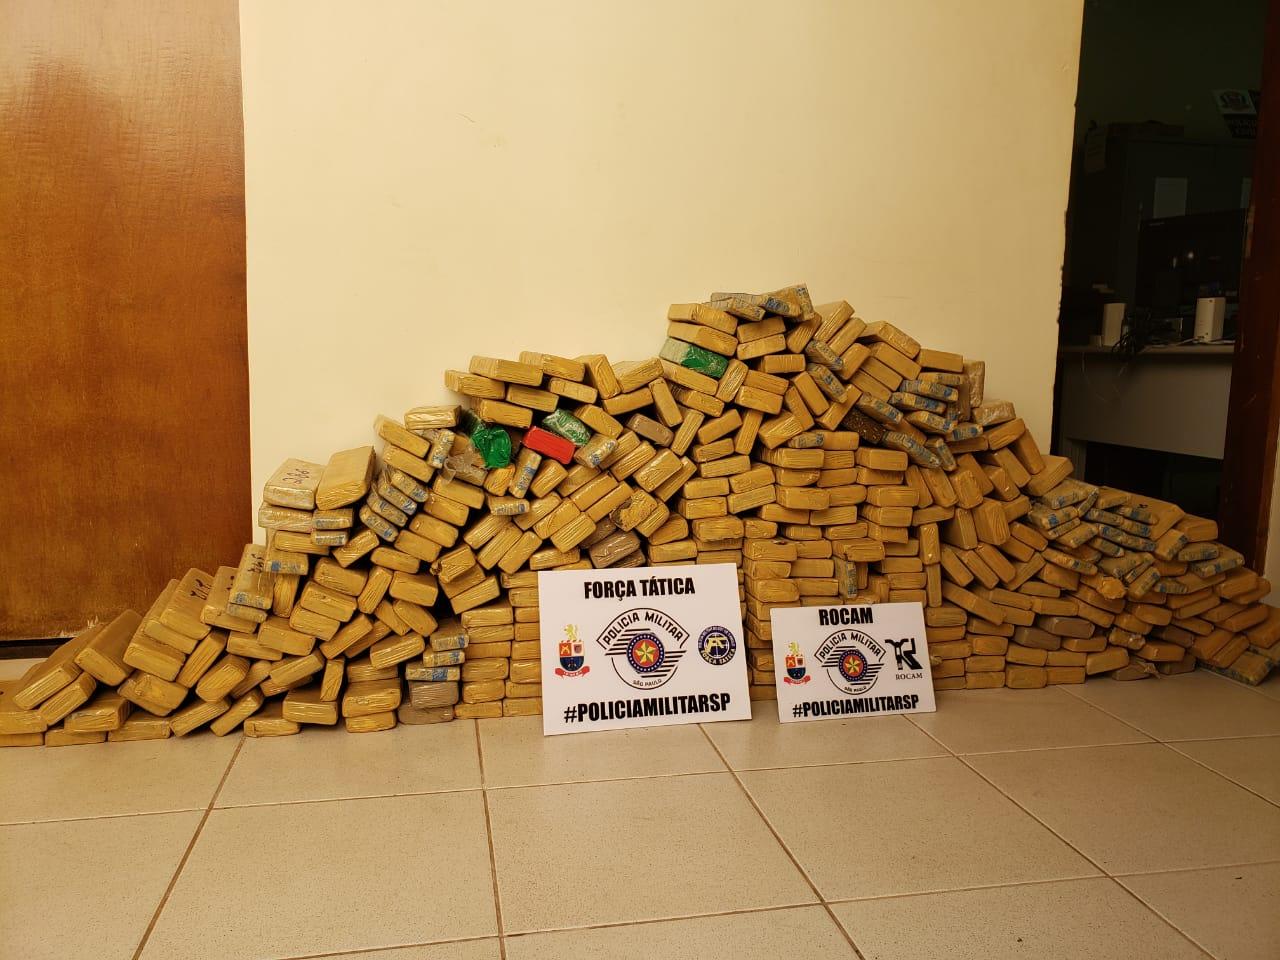 Polícia Militar  - Após pesagem, maconha totalizou aproximadamente 300 kg